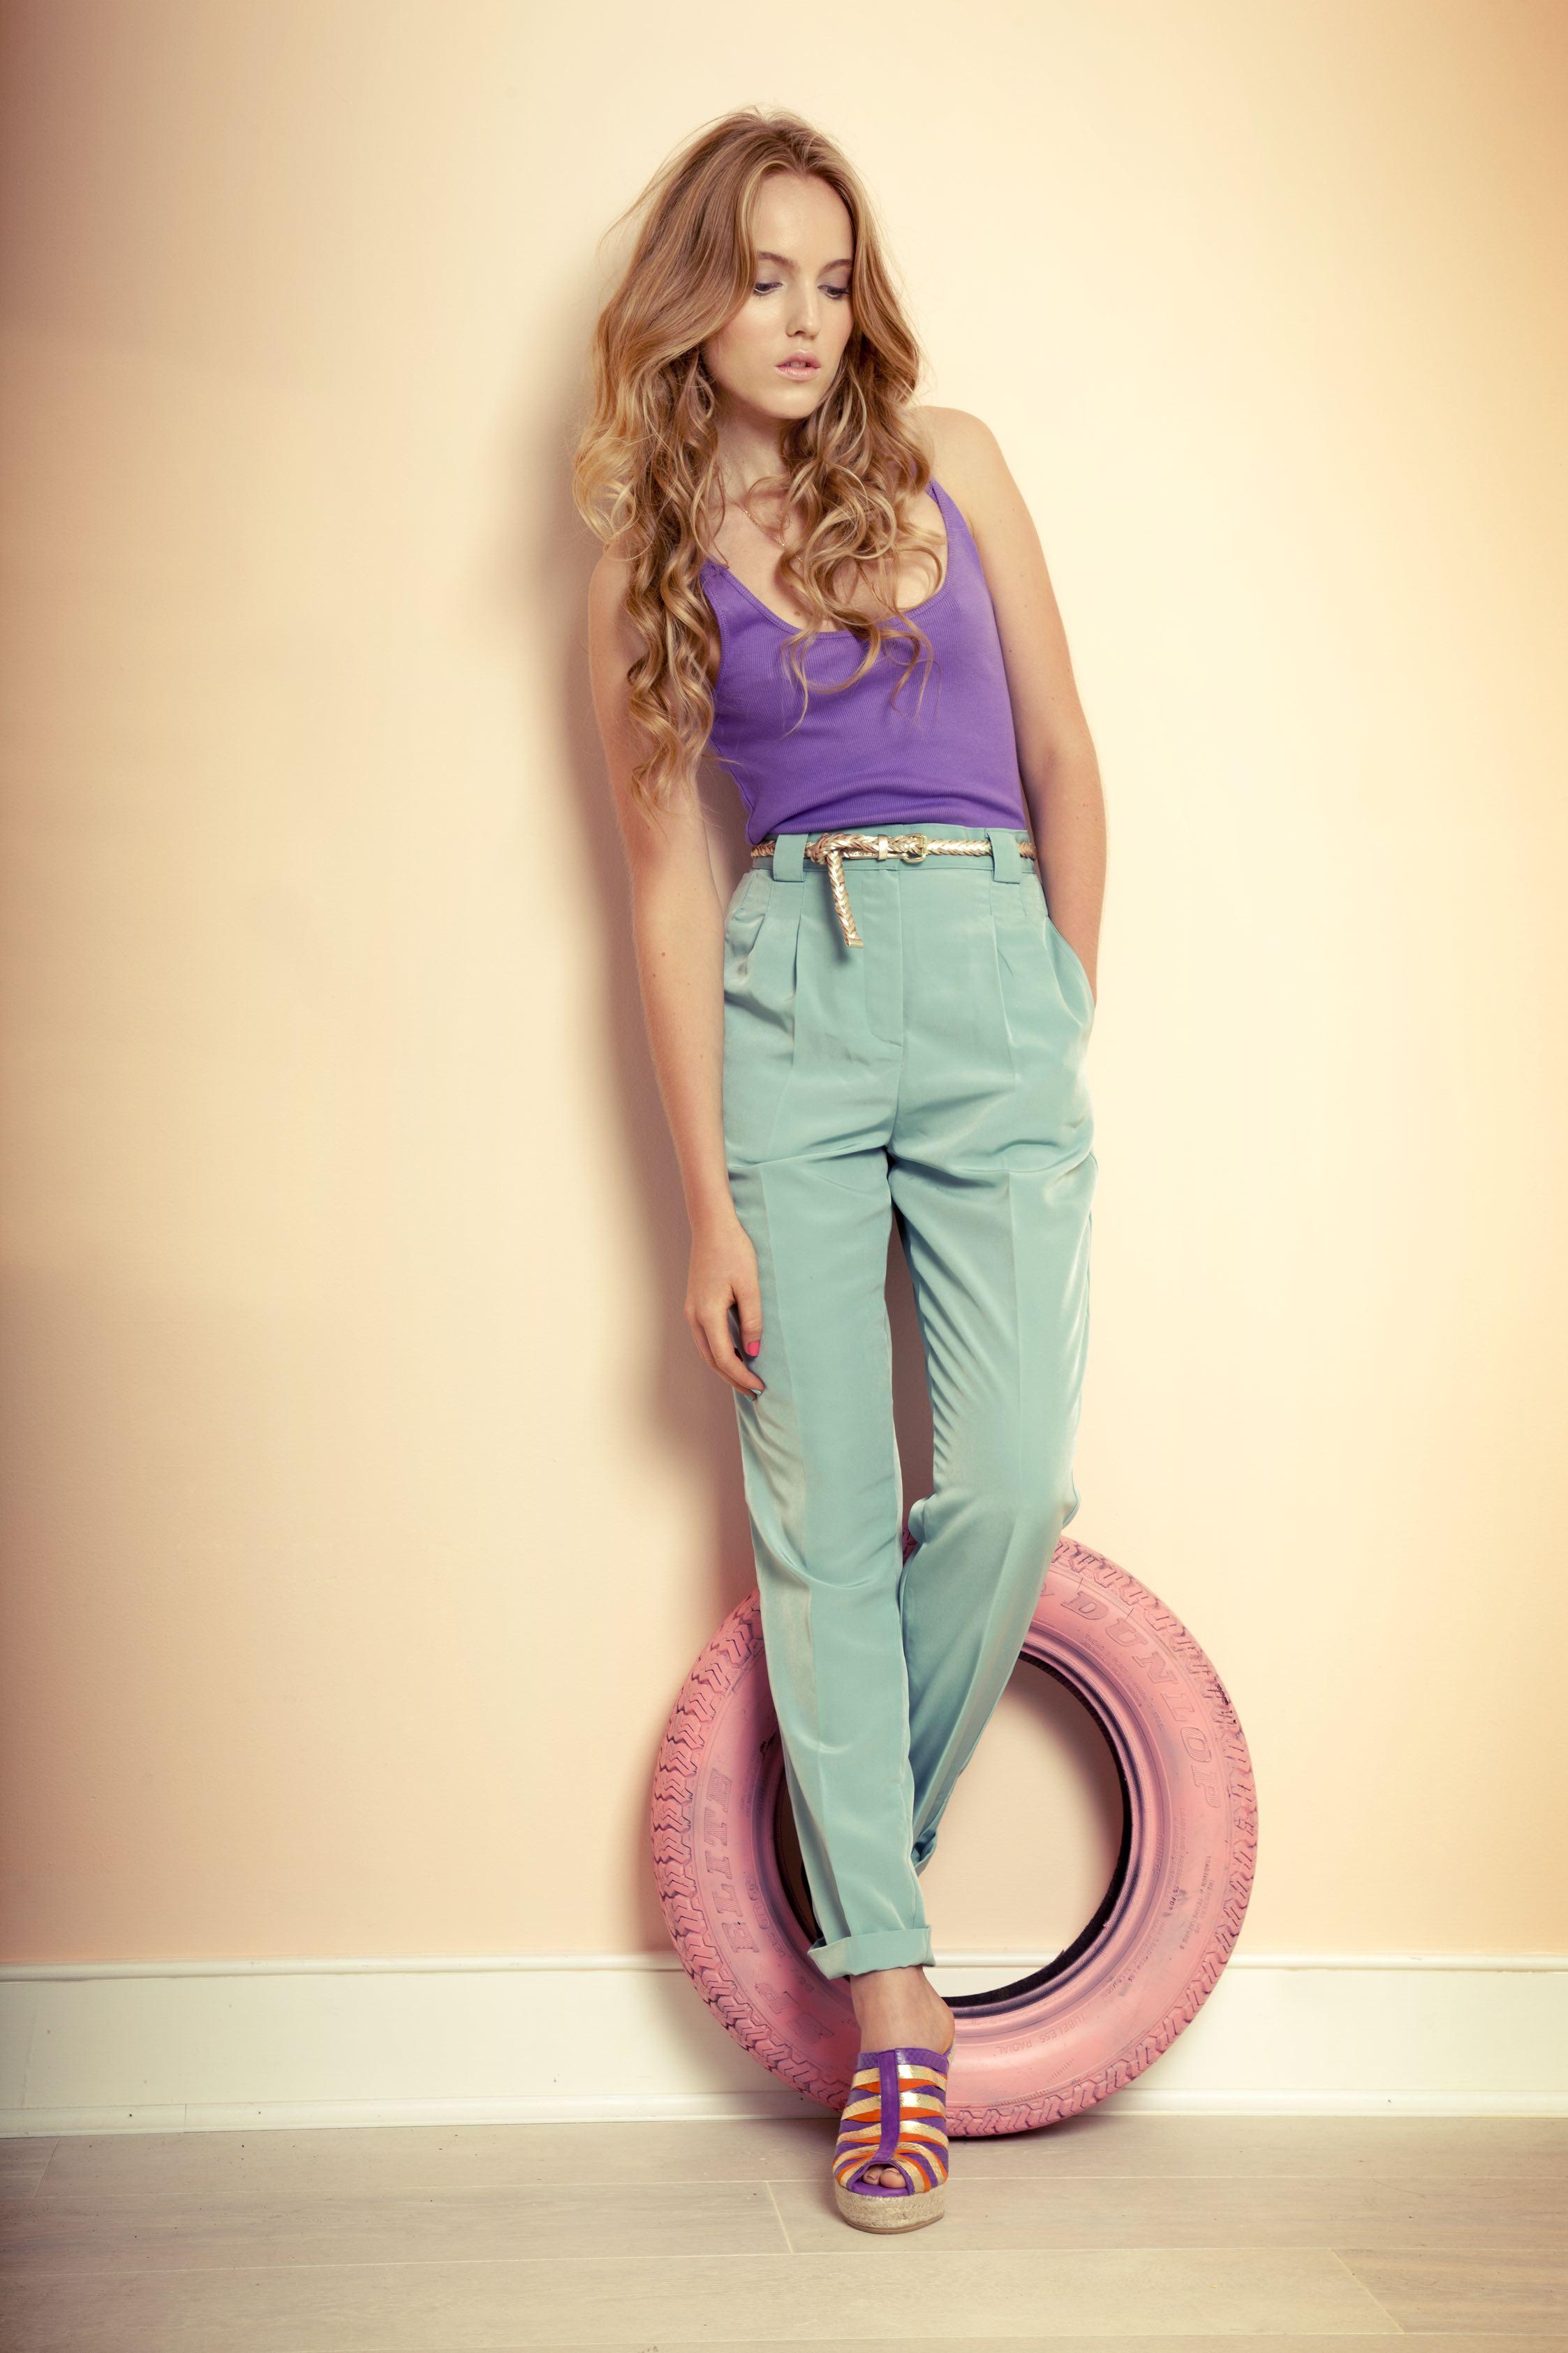 pastels-music-chick-fashion